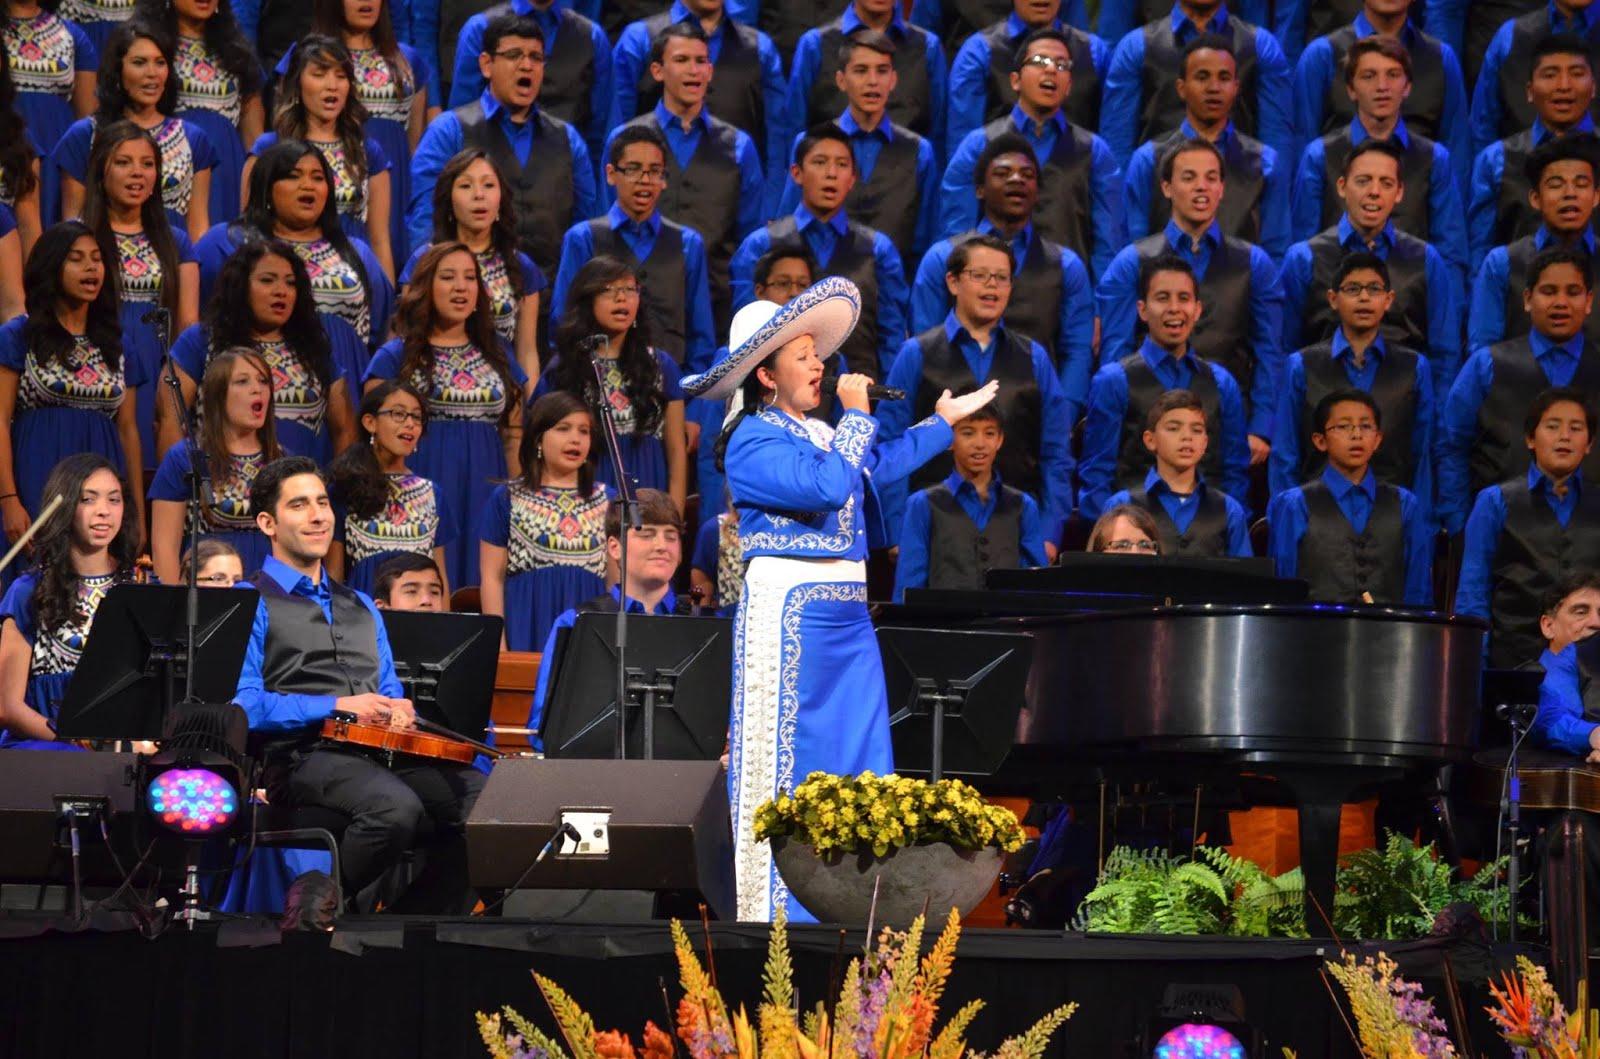 Con cientos de jóvenes cantando Guadalajara